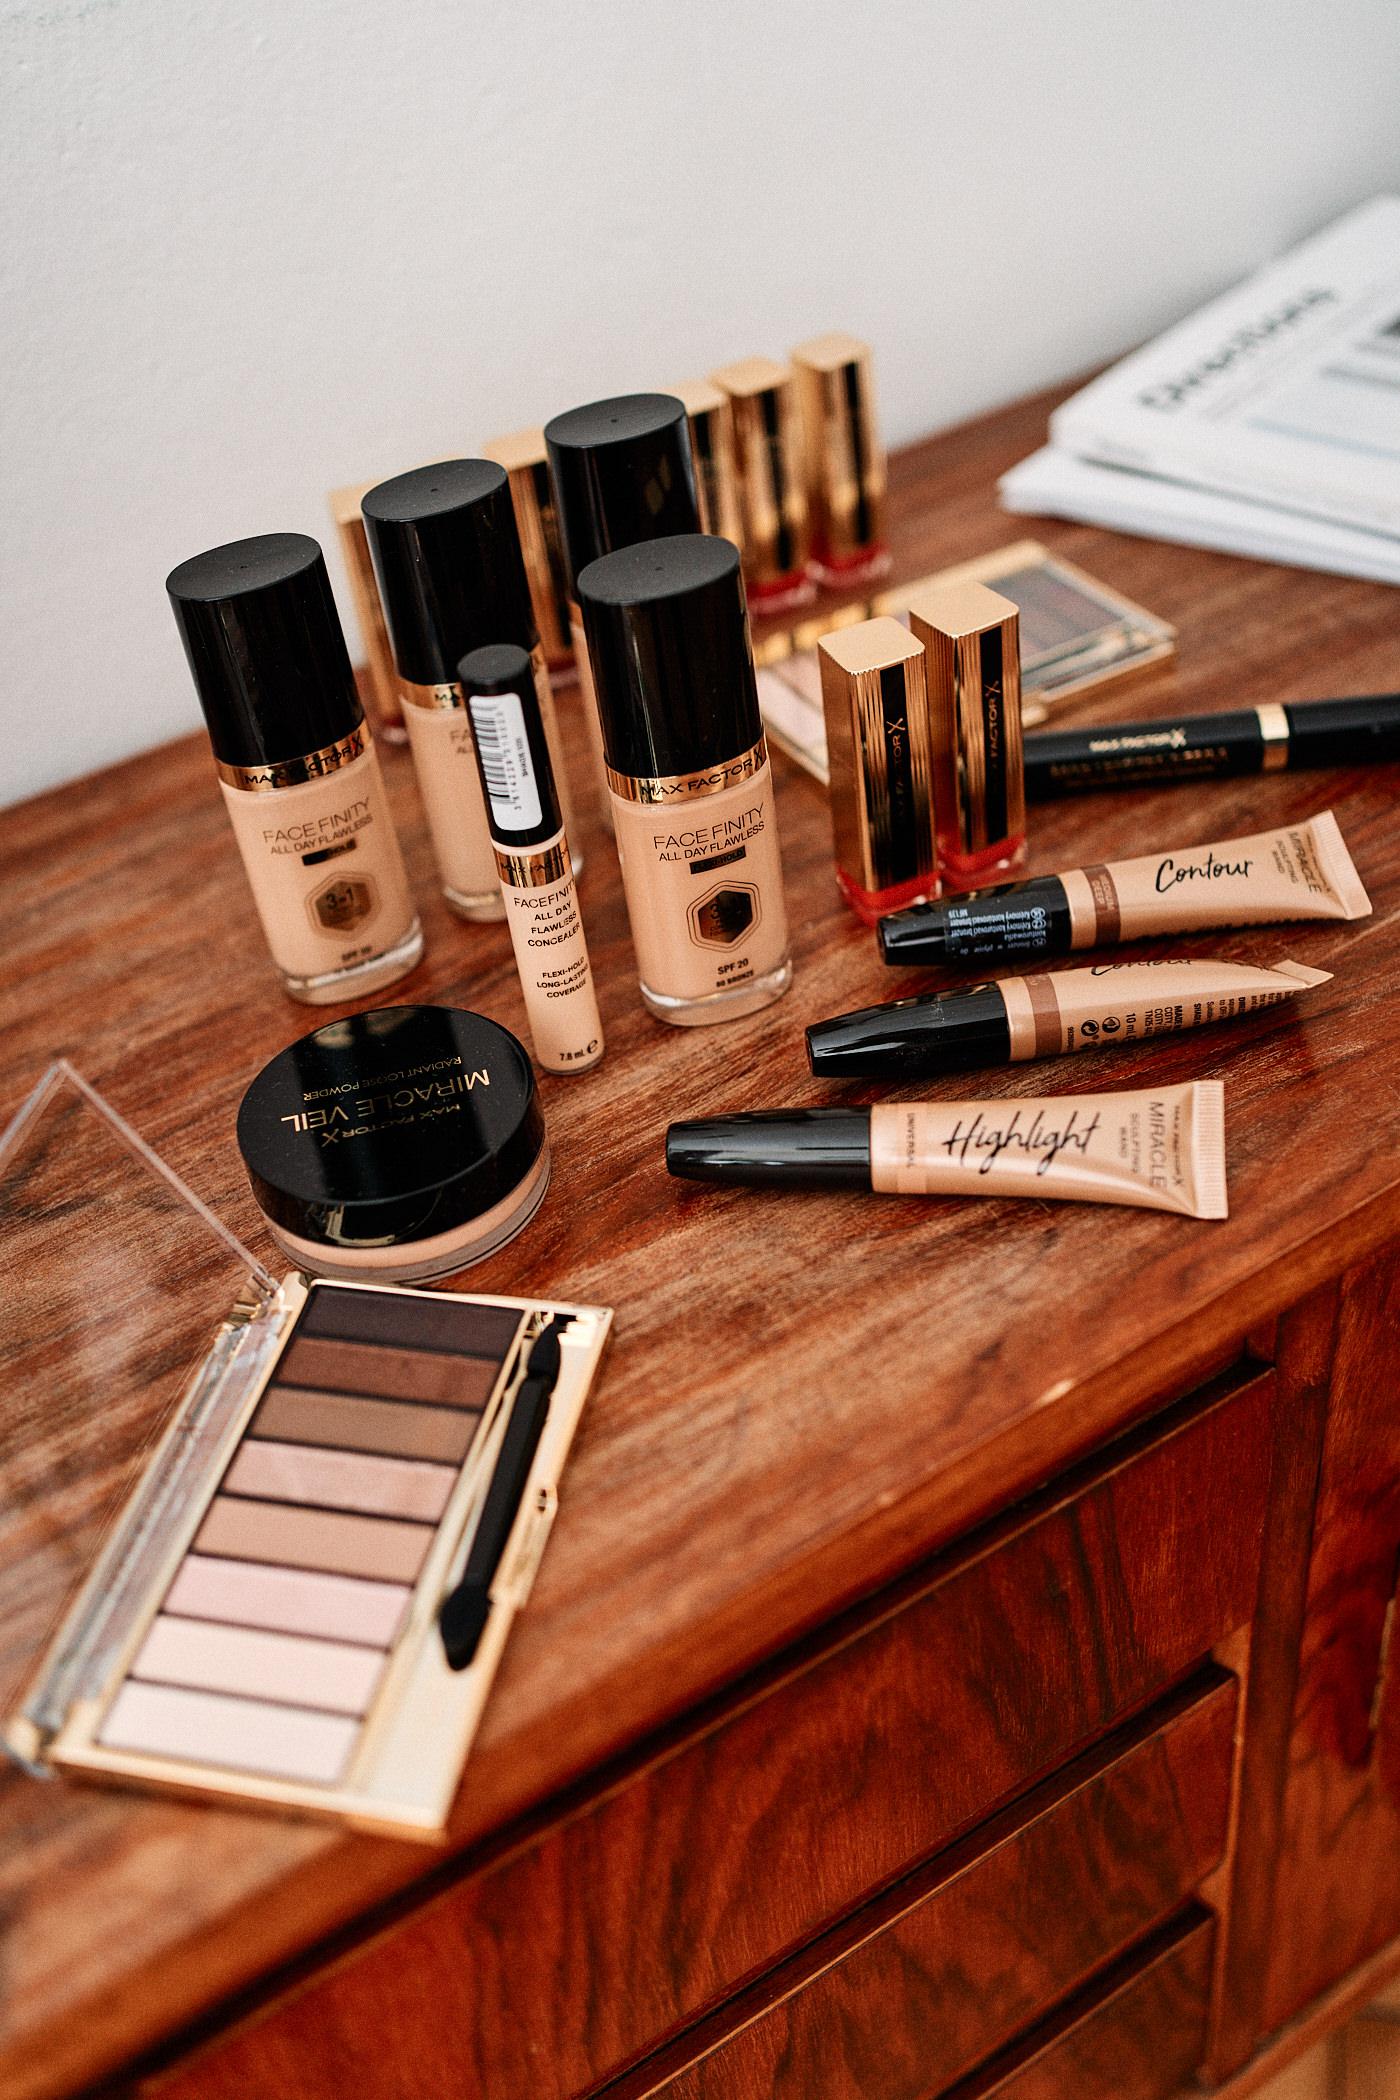 Kosmetyki Max Factor i moje porady pozwolą Ci na stworzenie wyjątkowego makijażu na święta – dopasuj produkty do swojej cery